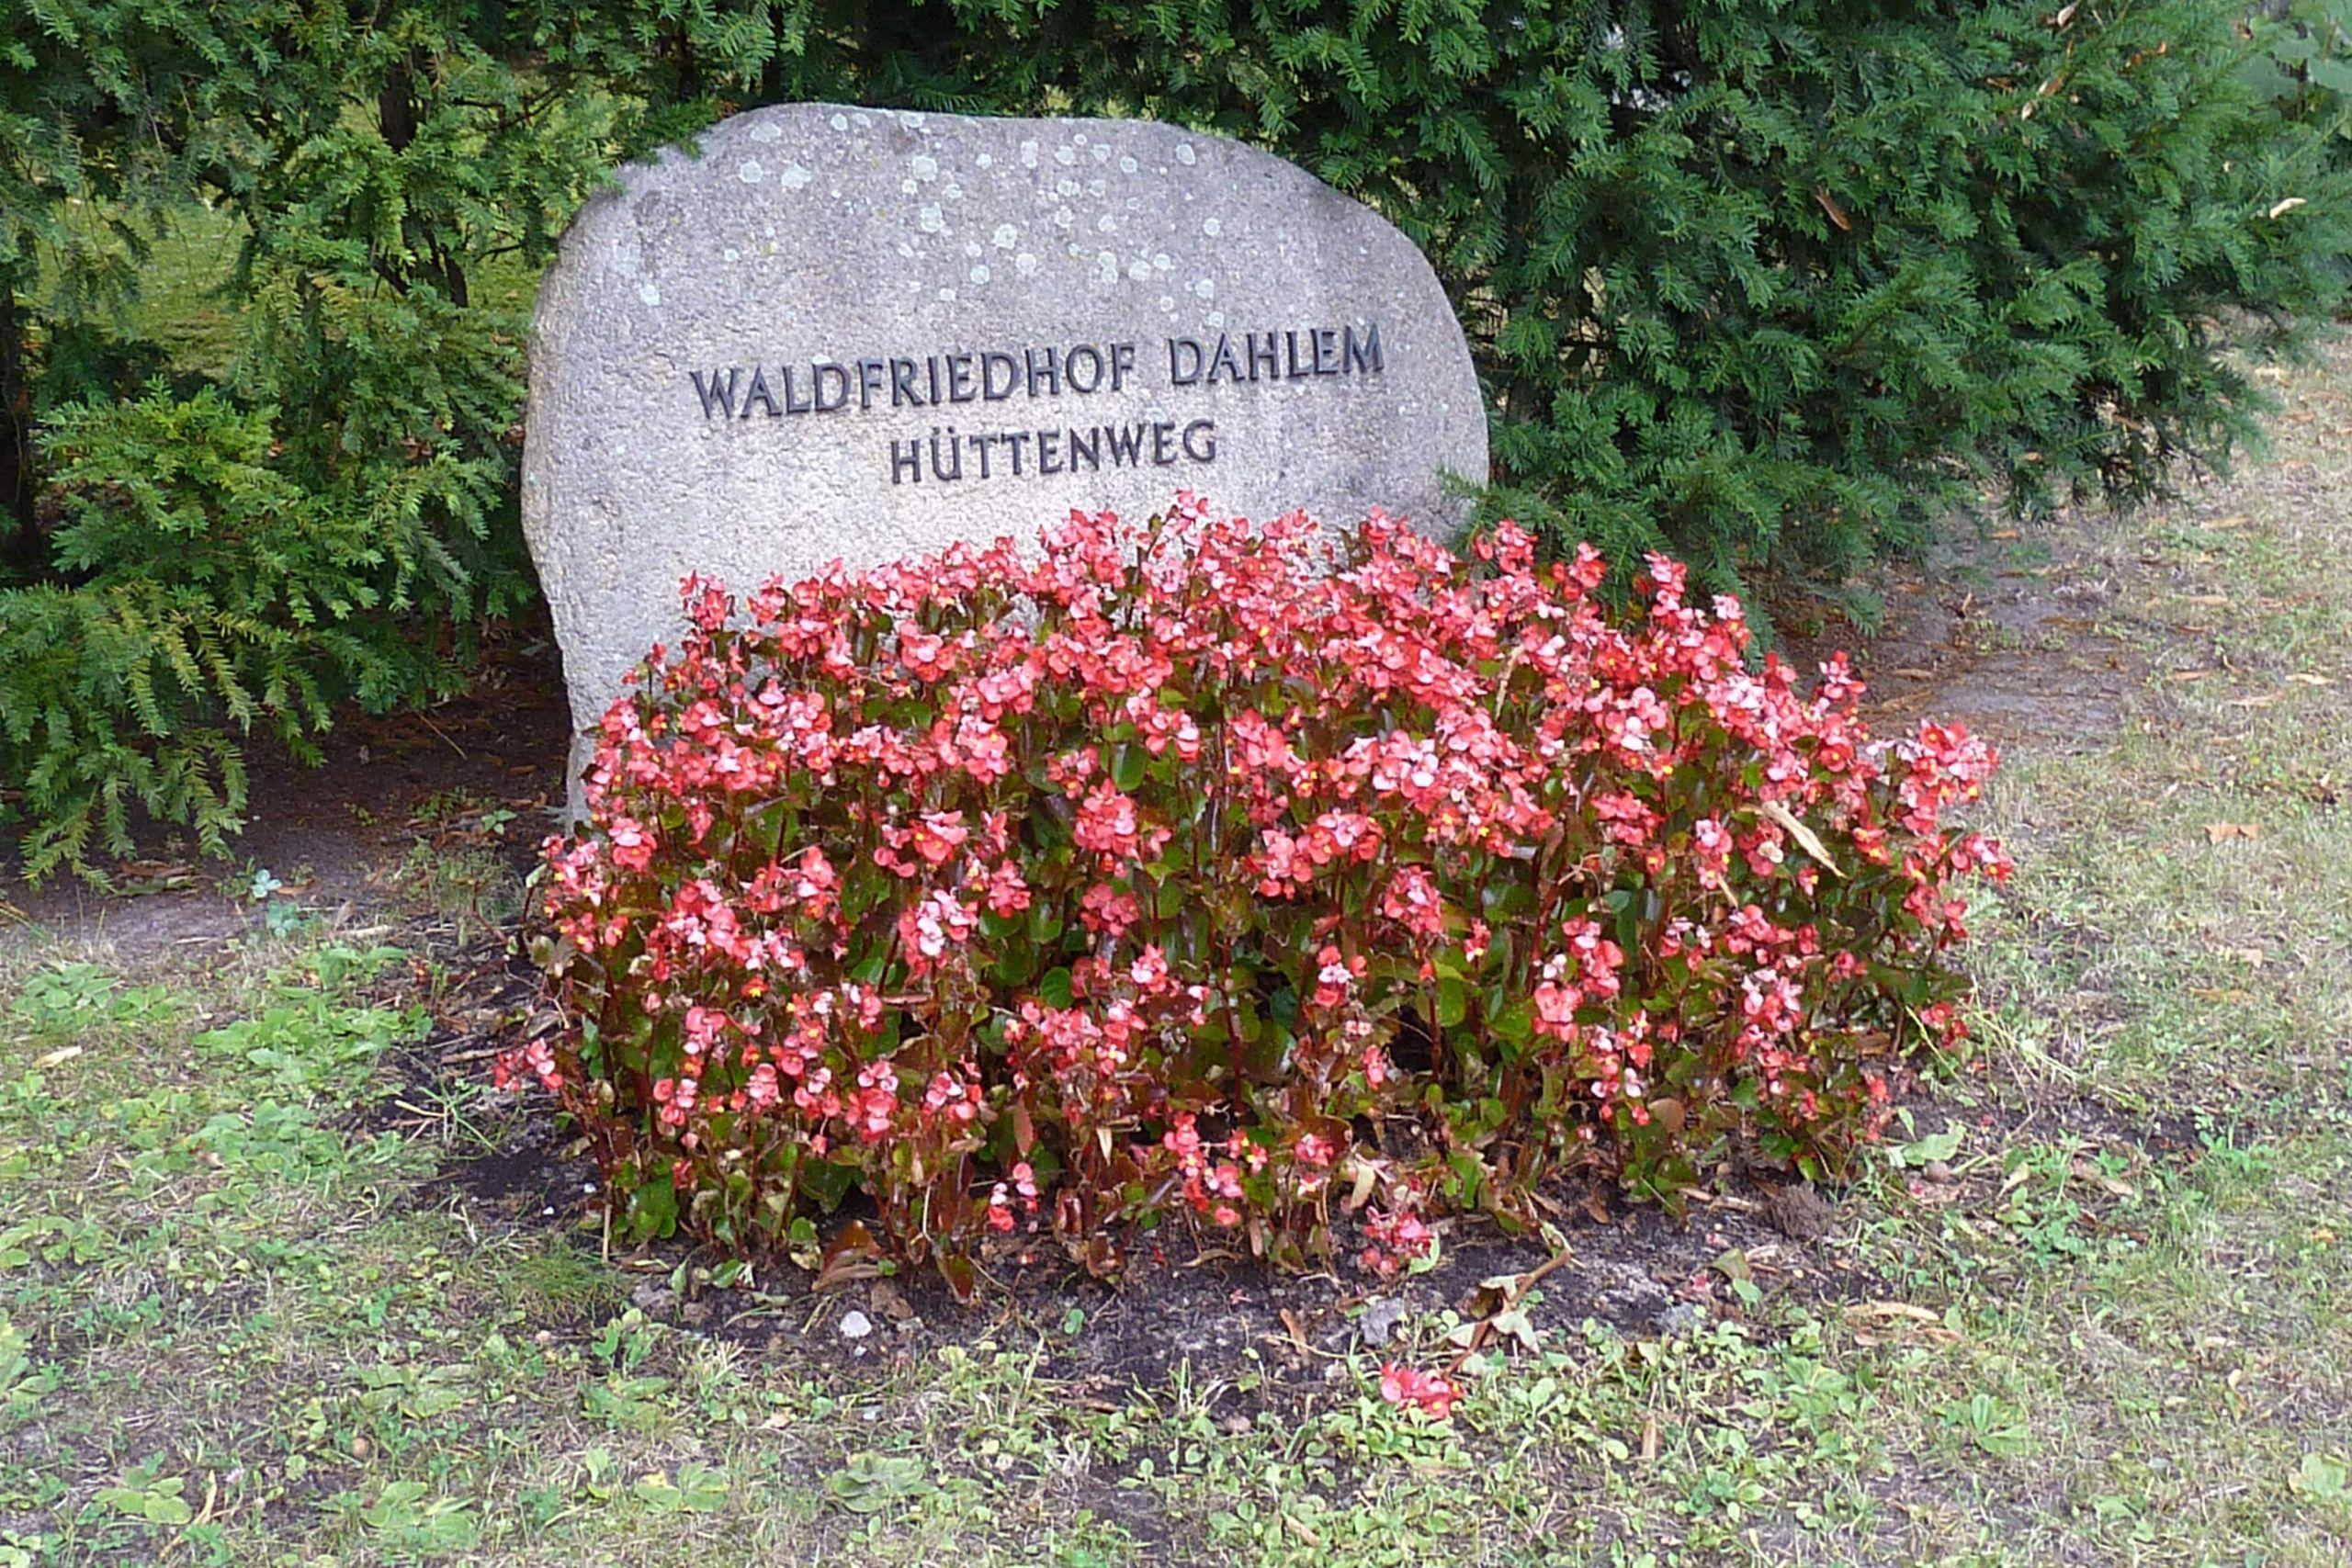 Botanischer Garten Berlin Eintritt Das Beste Von Datei Waldfriedhof Dahlem Eingang –